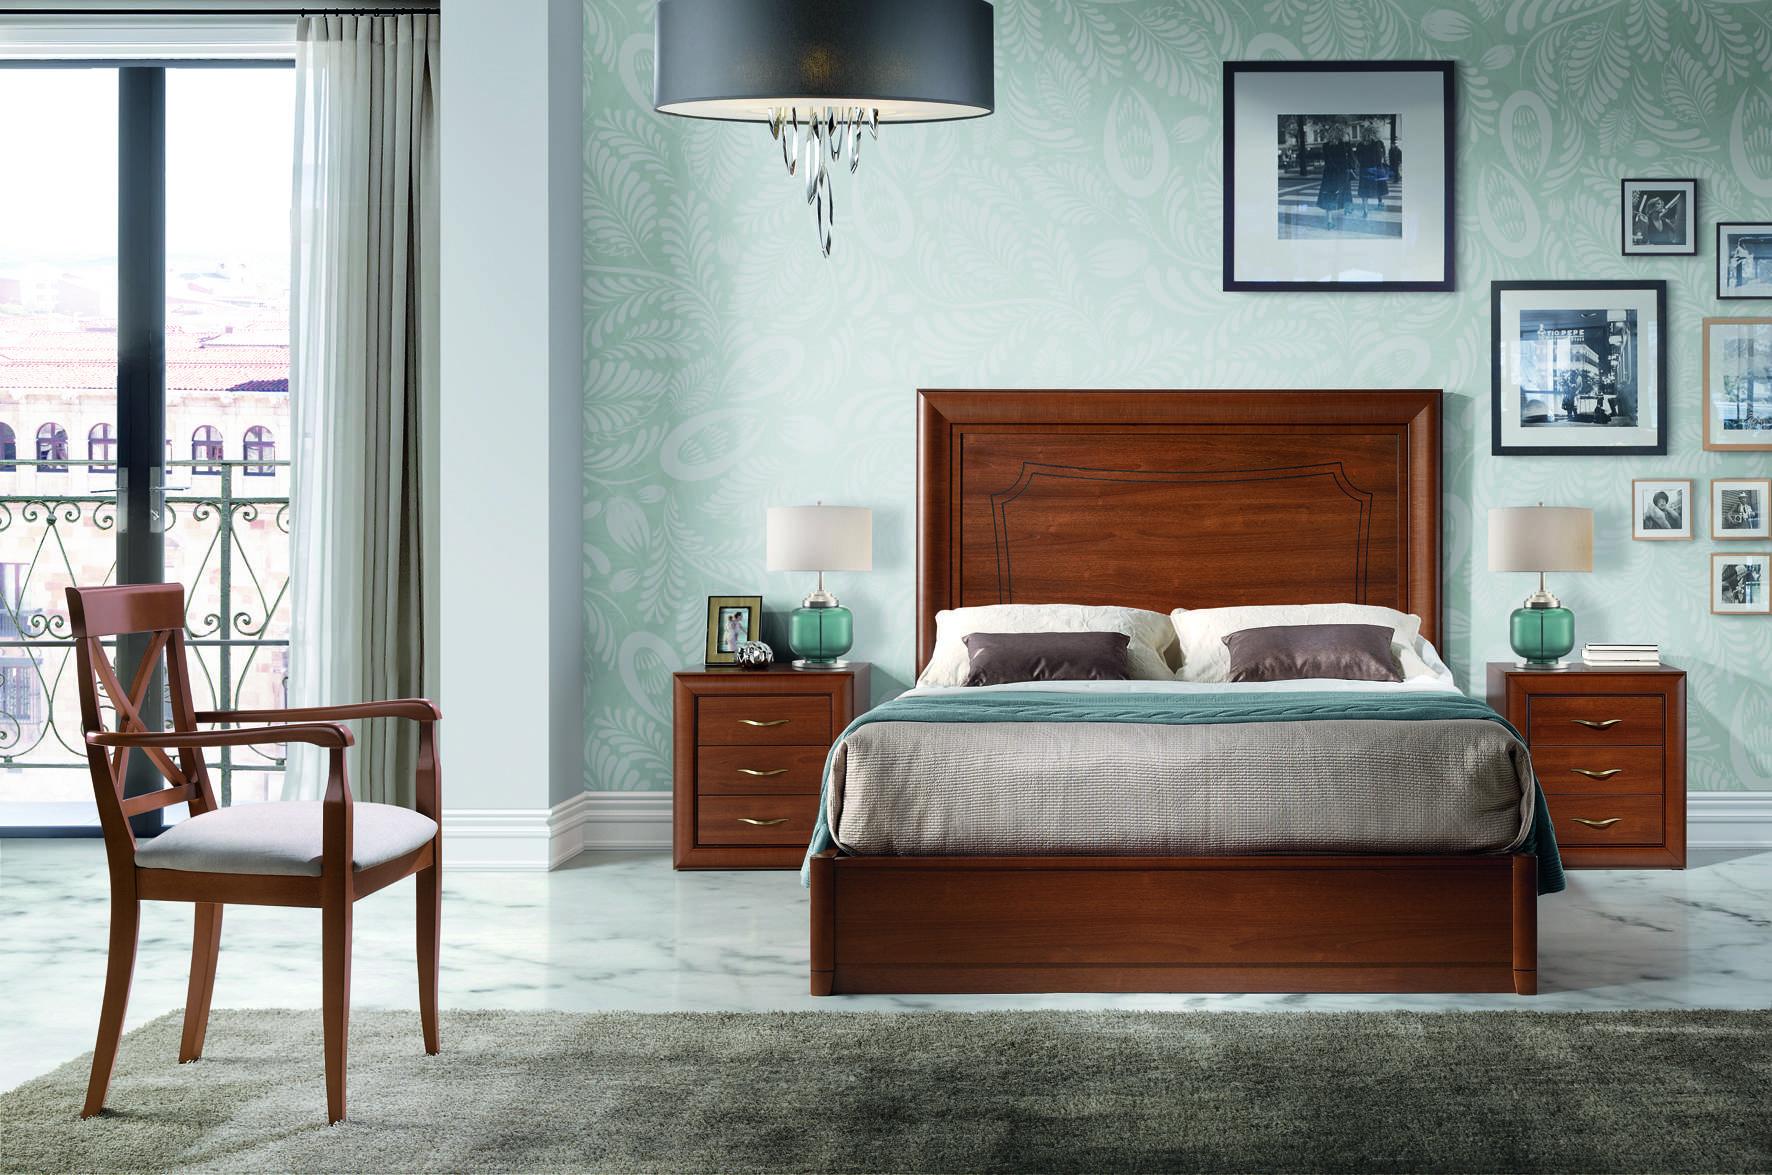 Dormitorio con canap elevable - Dormitorios con canape ...